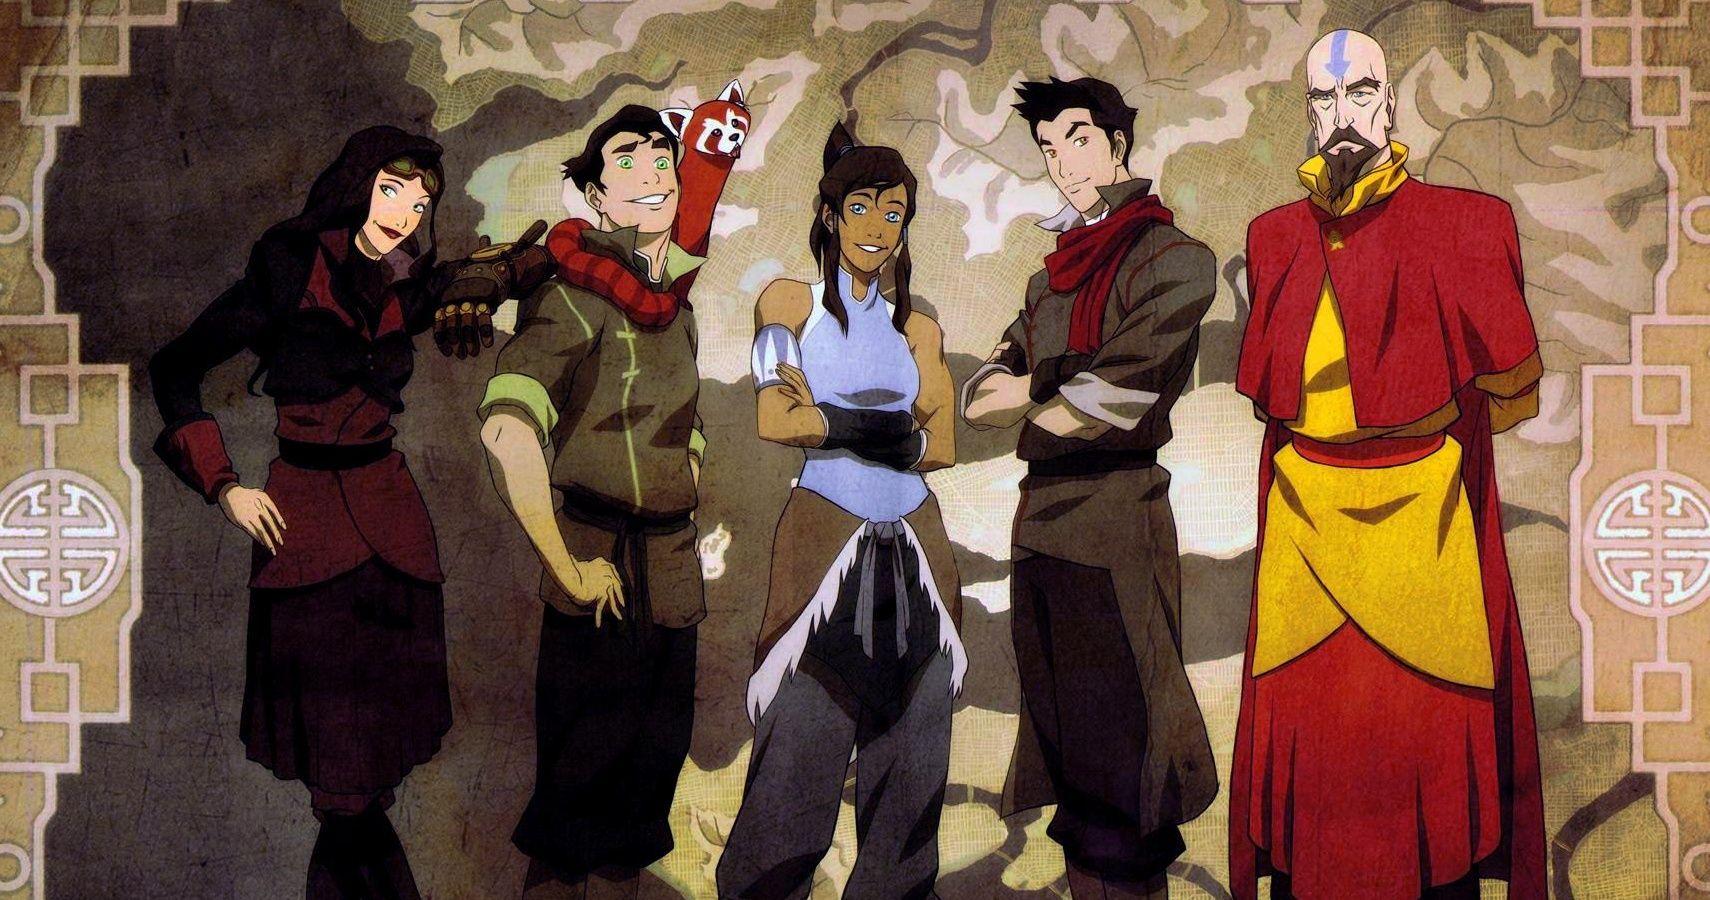 D&D Alignments of Legend of Korra Characters | CBR